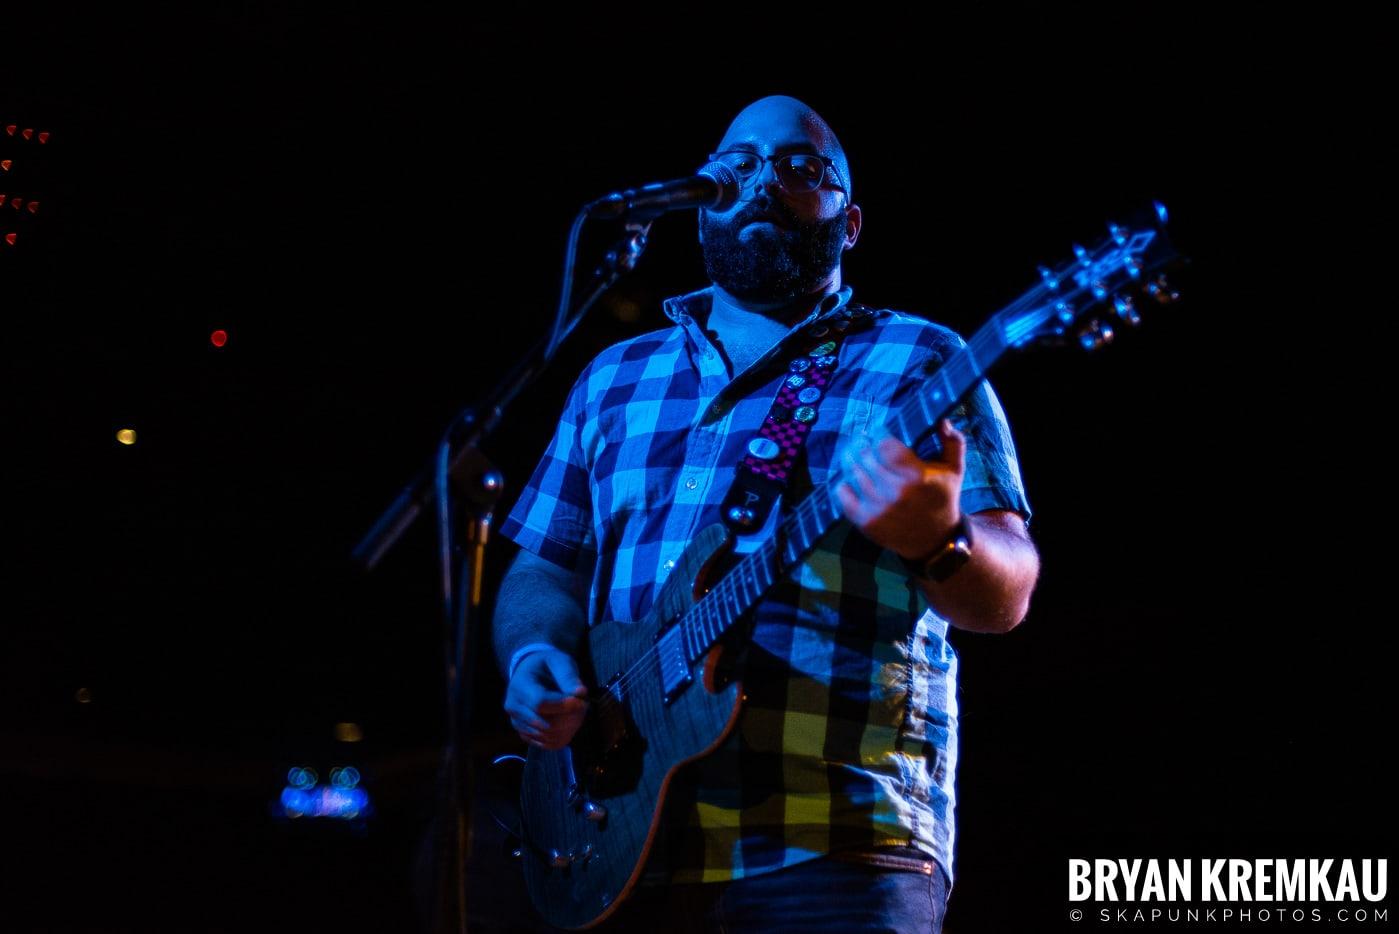 Backyard Superheroes @ Skanksgiving, Starland Ballroom, Sayreville, NJ - 11.30.19 (27)